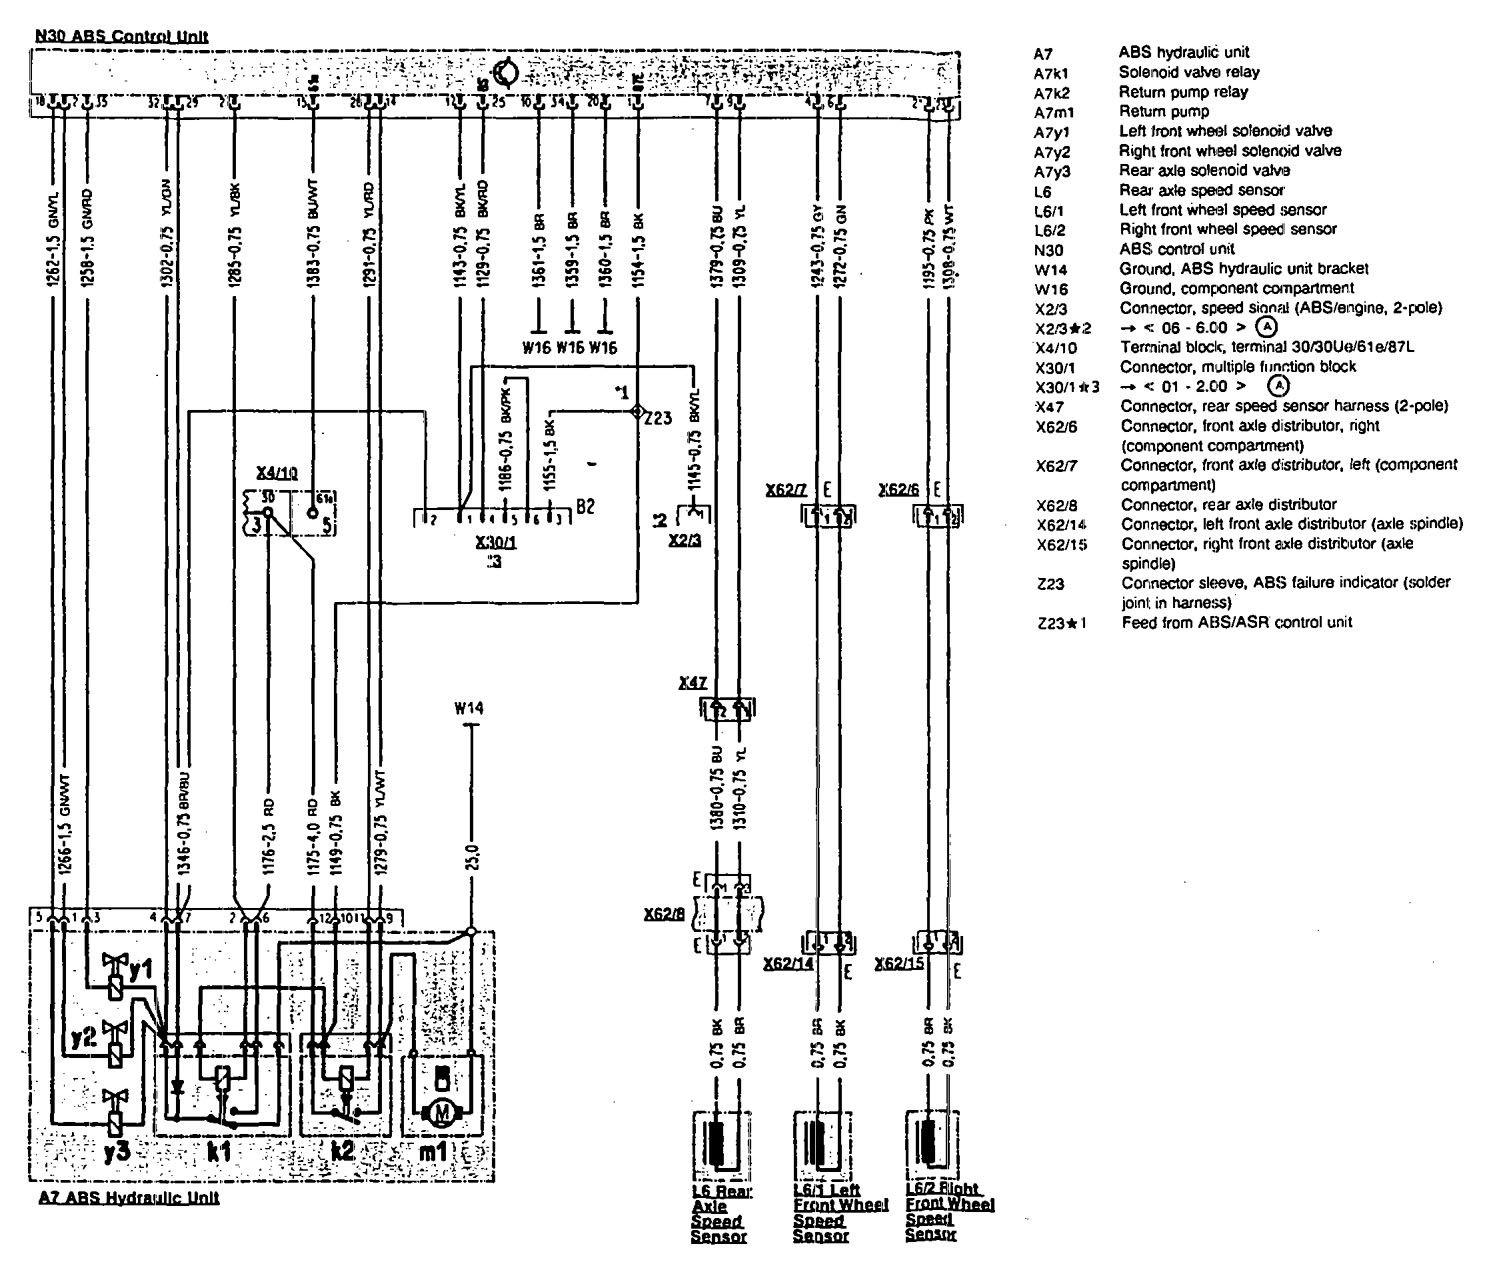 Fuse Diagram For 1998 Mercede E430 - Wiring Diagram